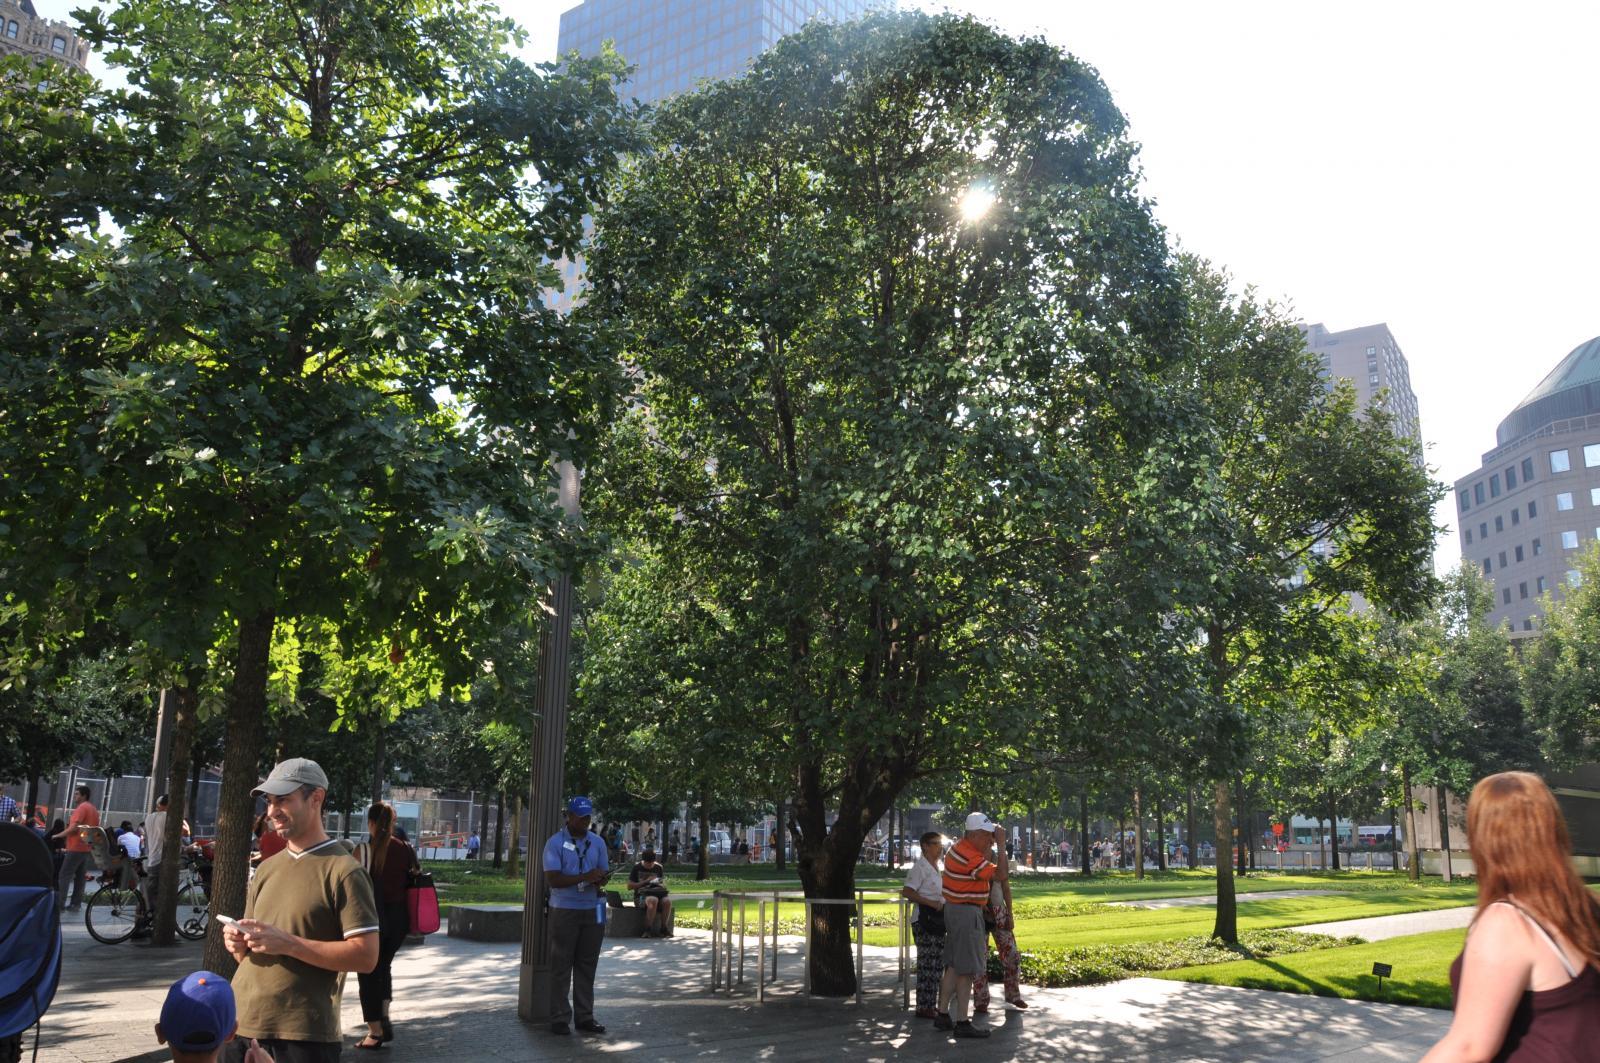 survivor-tree-nyc-911-memorial-one-world-160922120838002